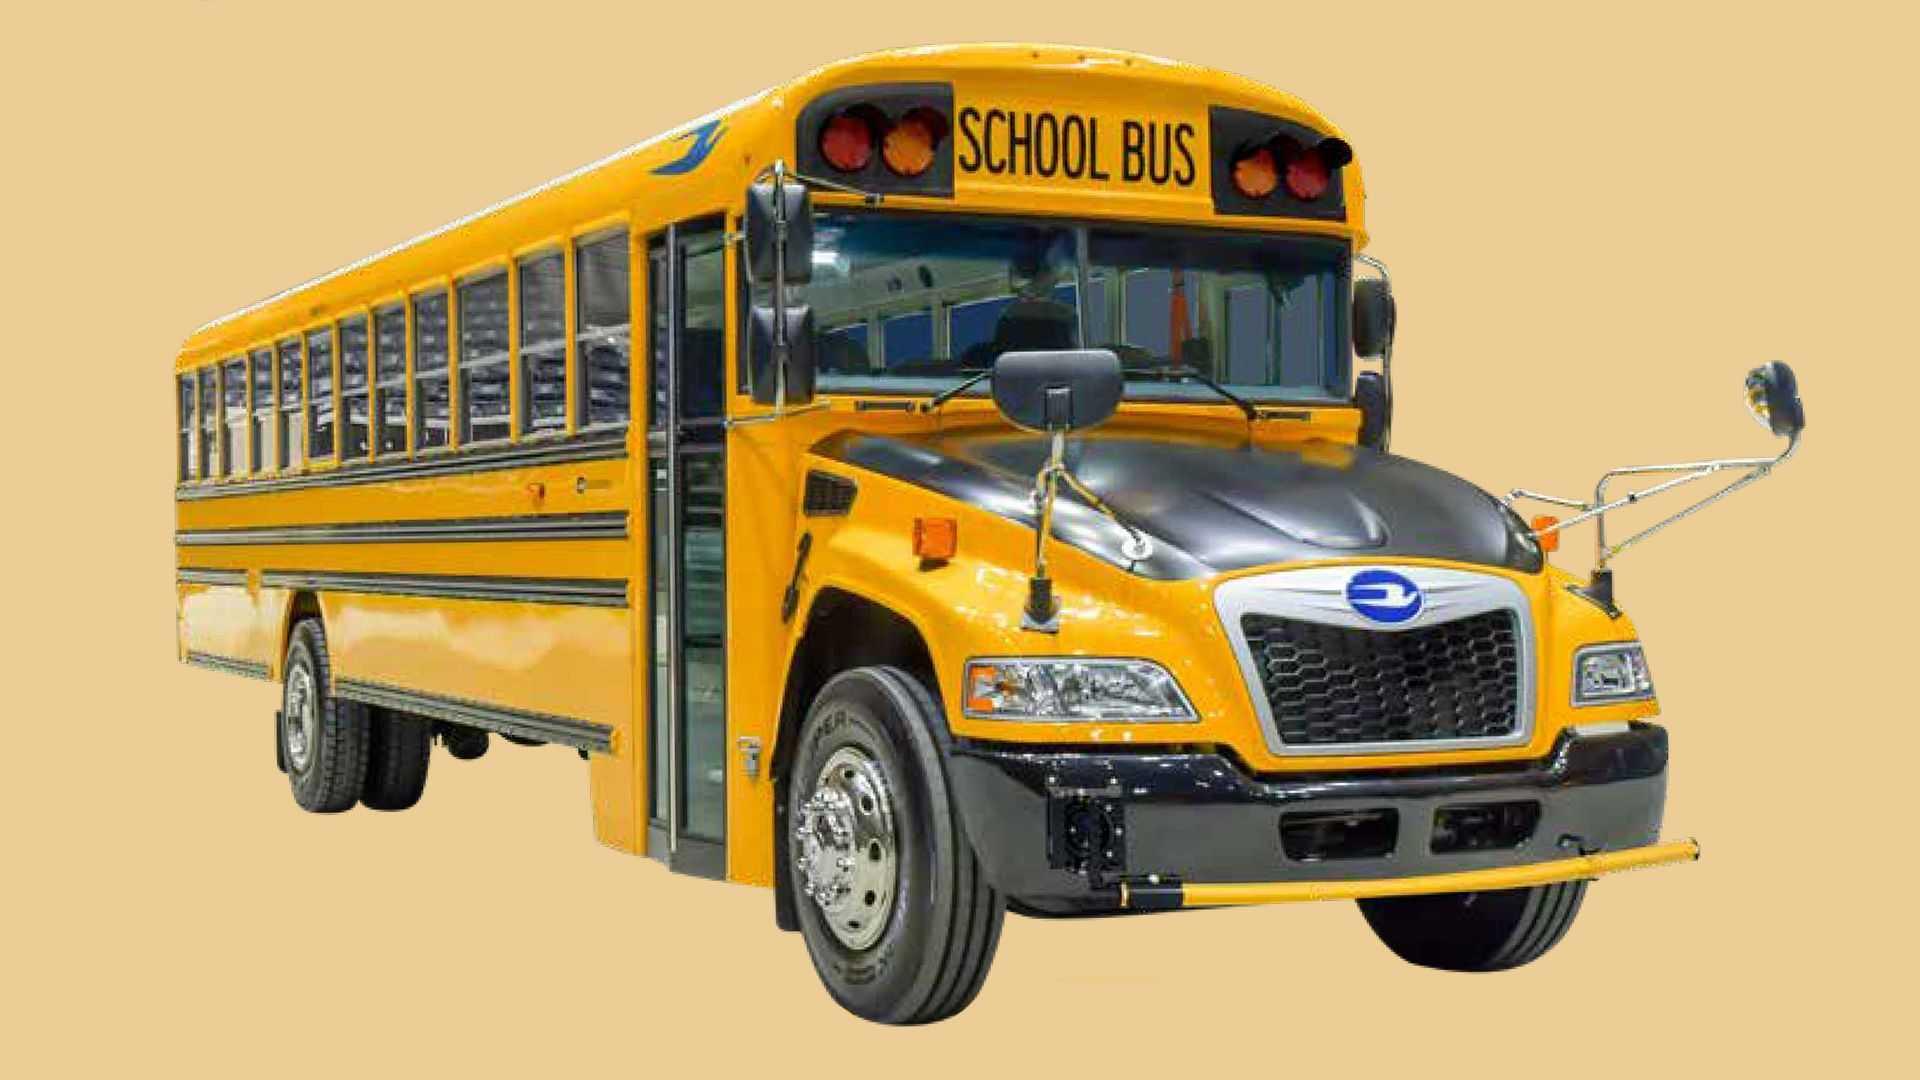 Ford Godzilla V8 объемом 7,3 литра собирается в школьные автобусы